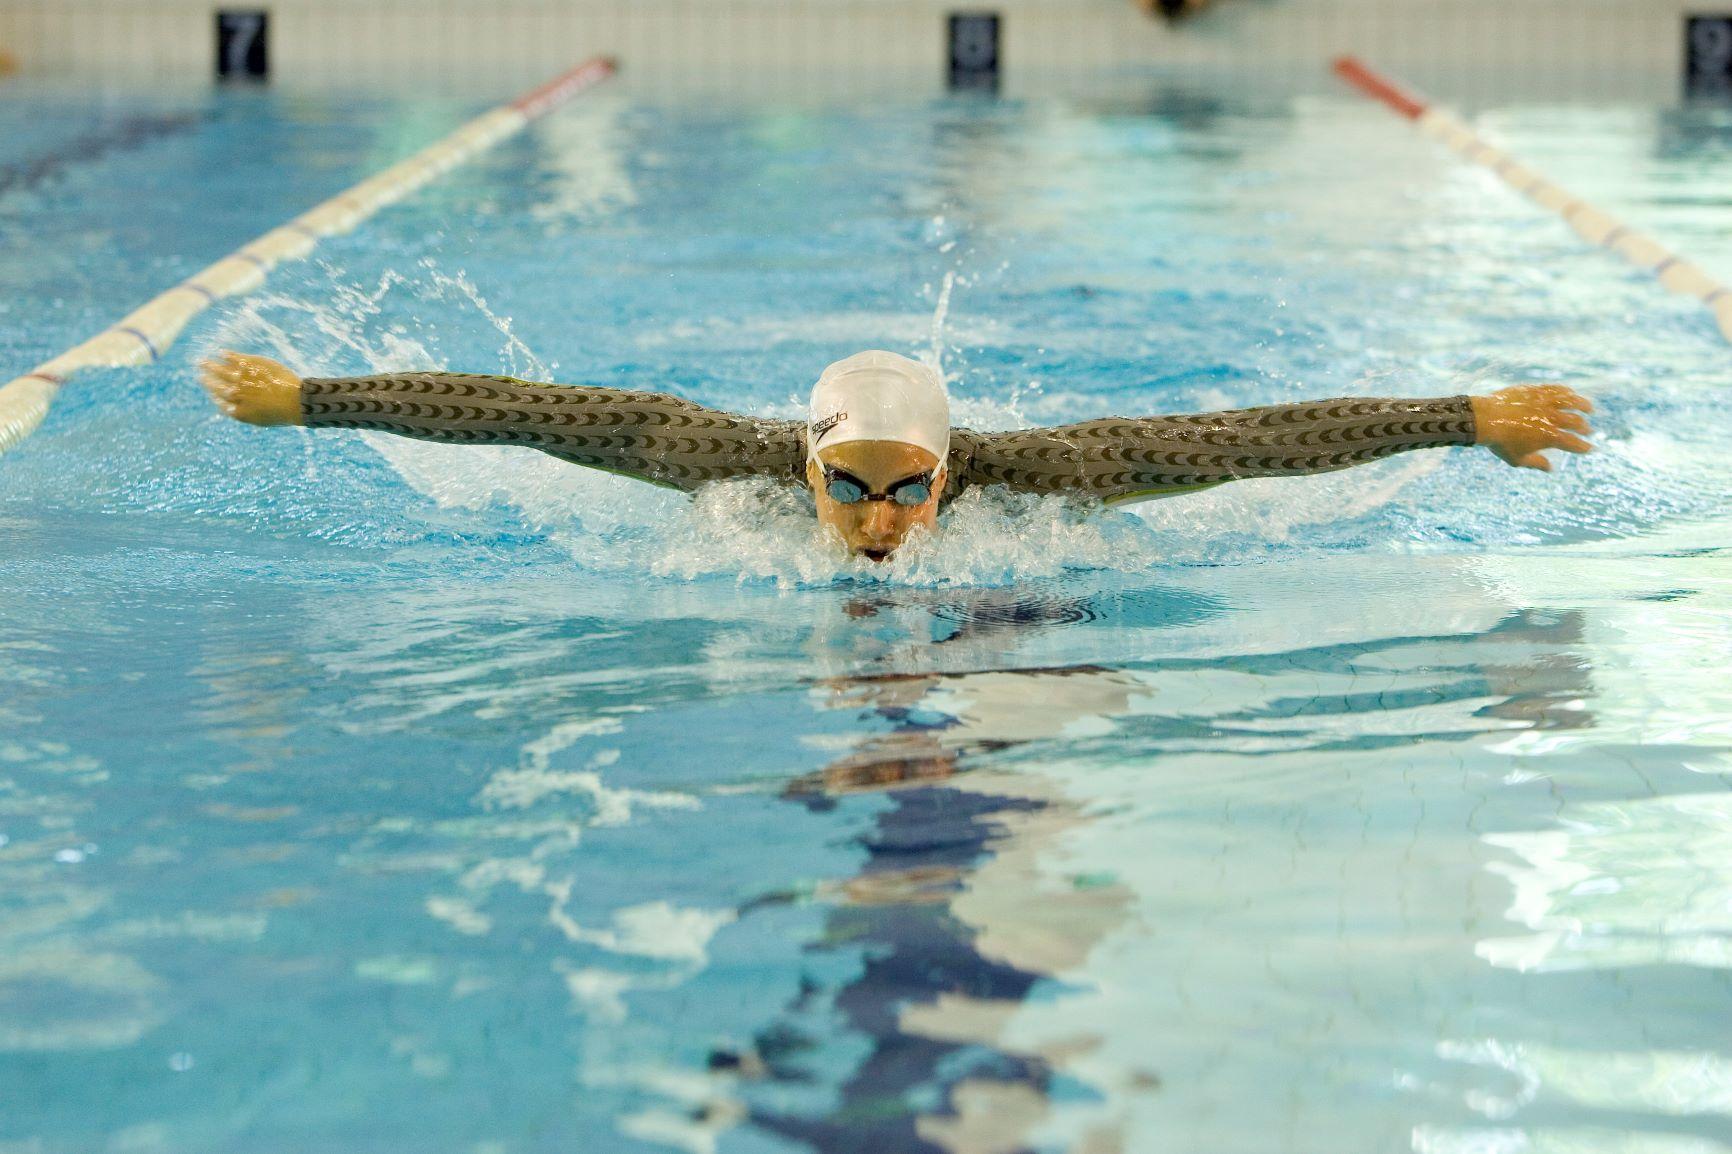 Uimari vedessä kädet levällään